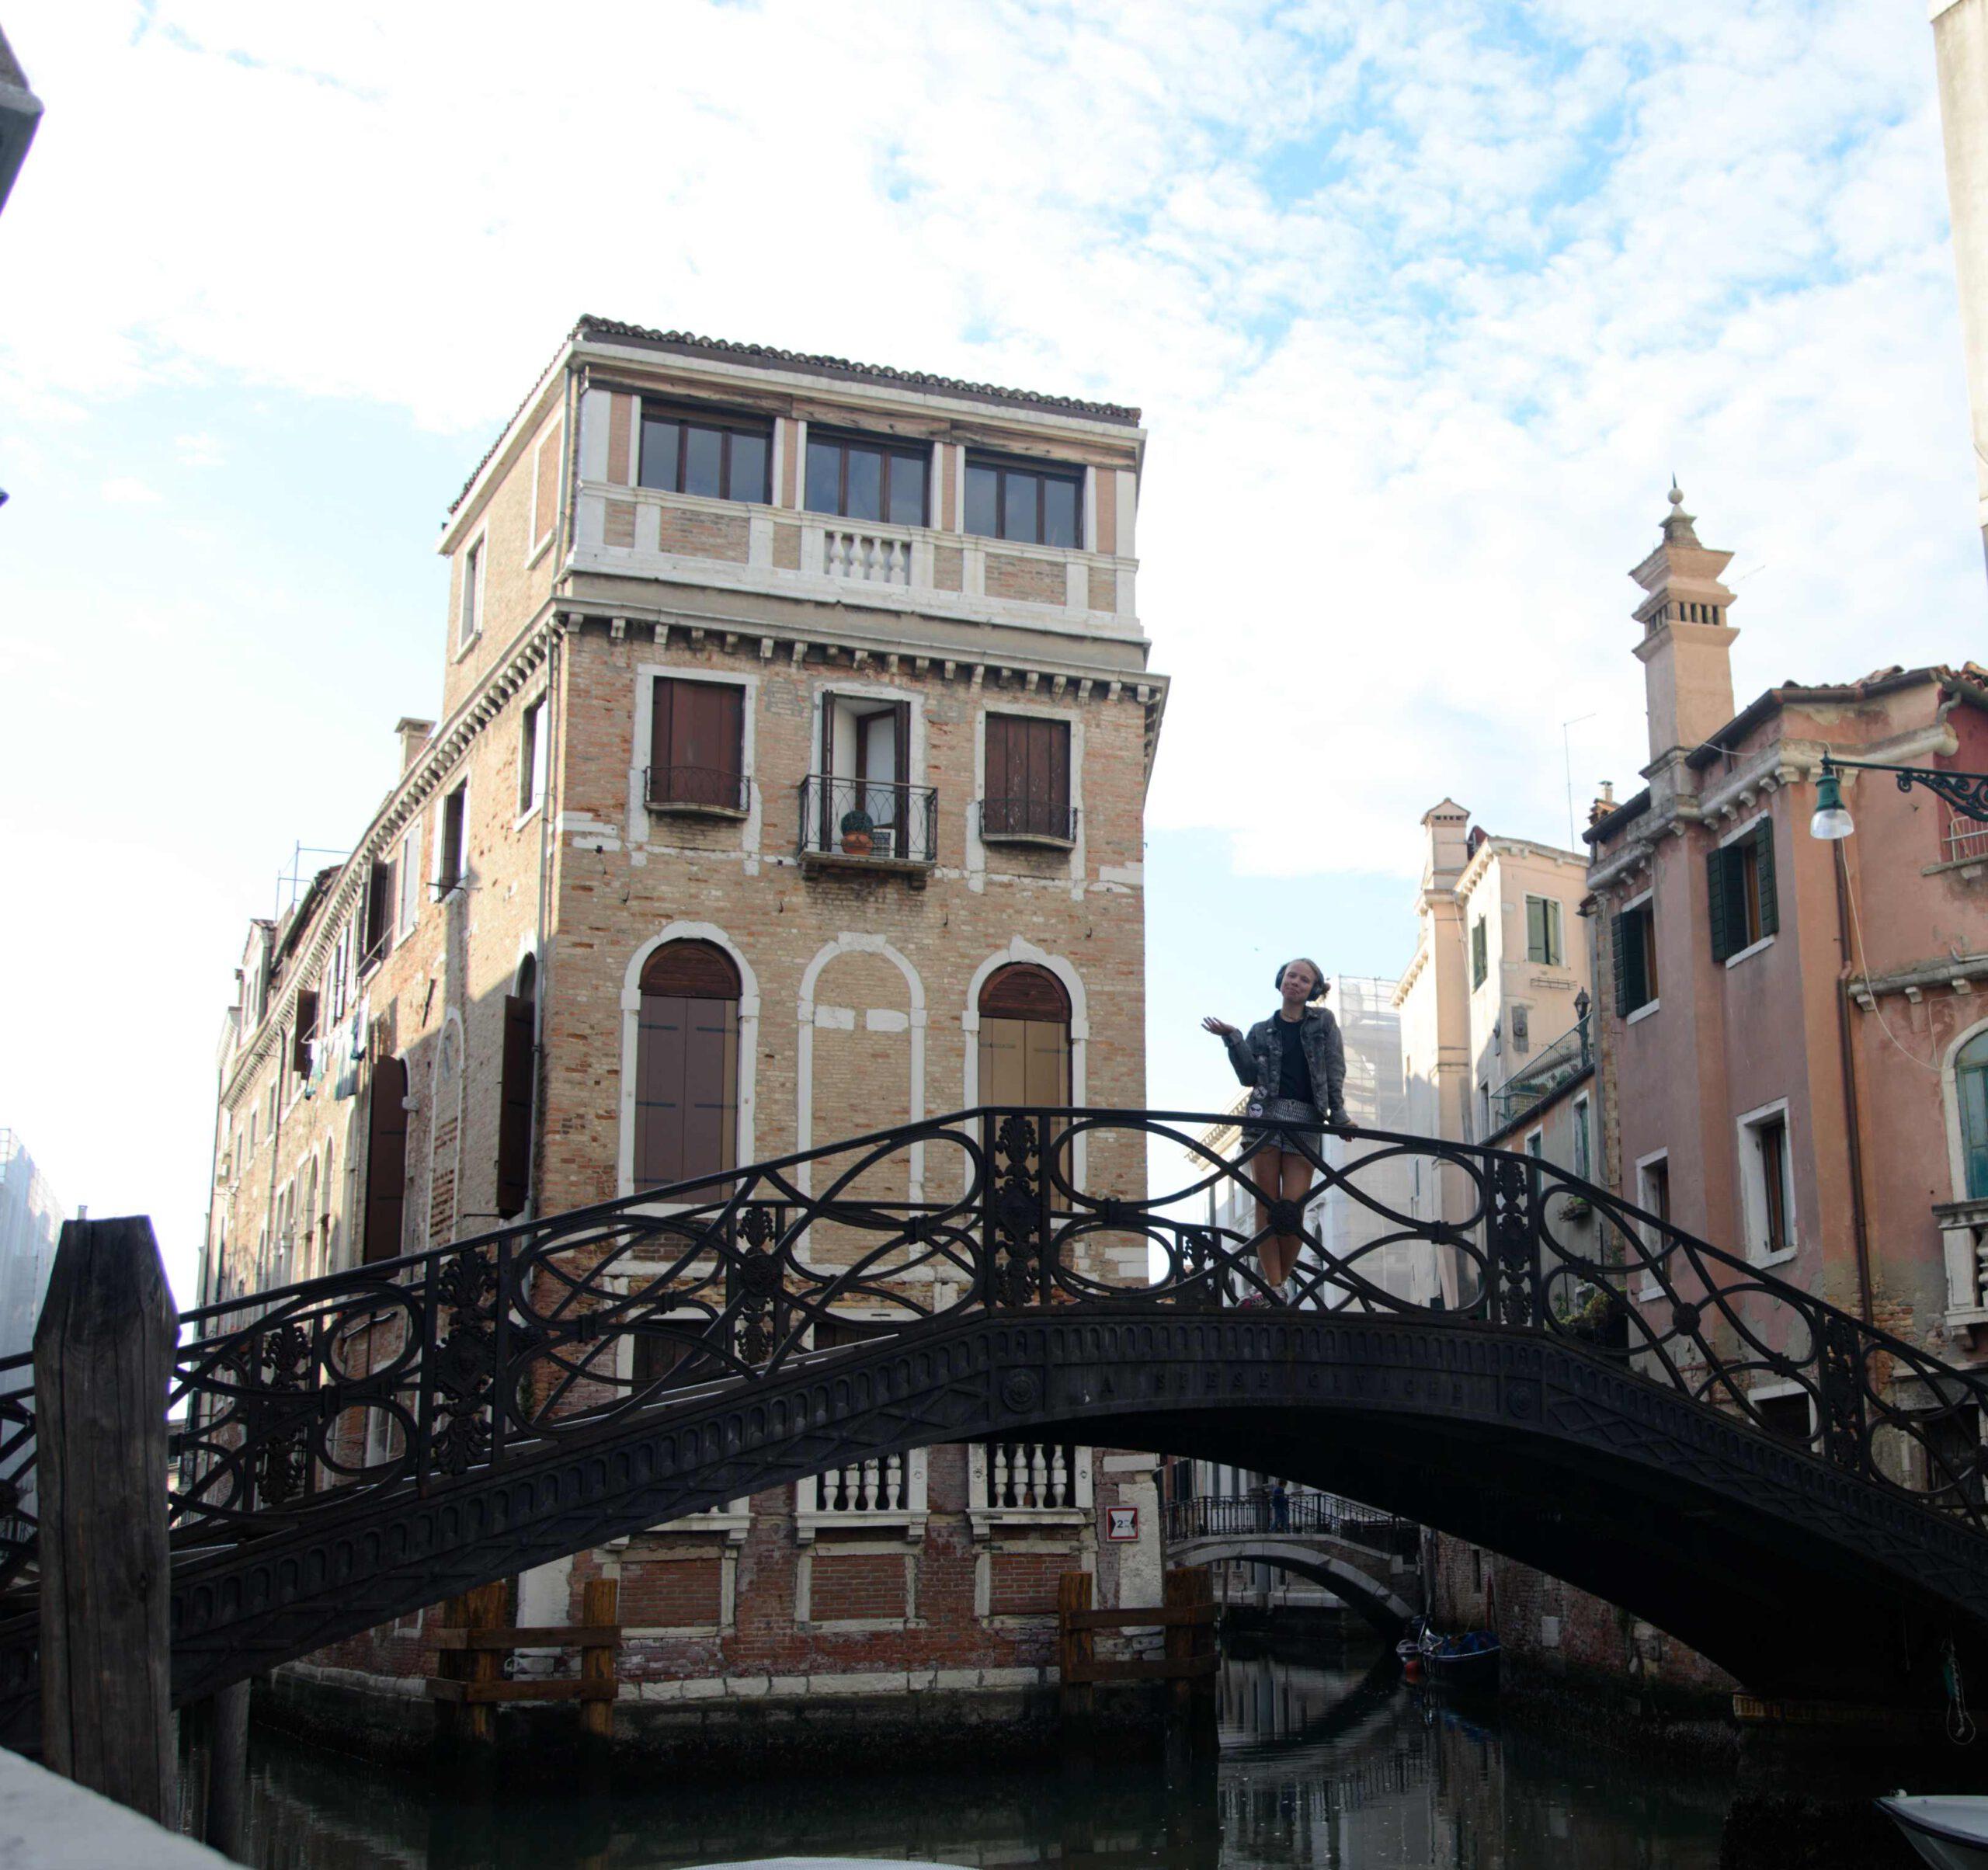 Eine Frau steht auf einer Brücke über einem Kanal in Venedig